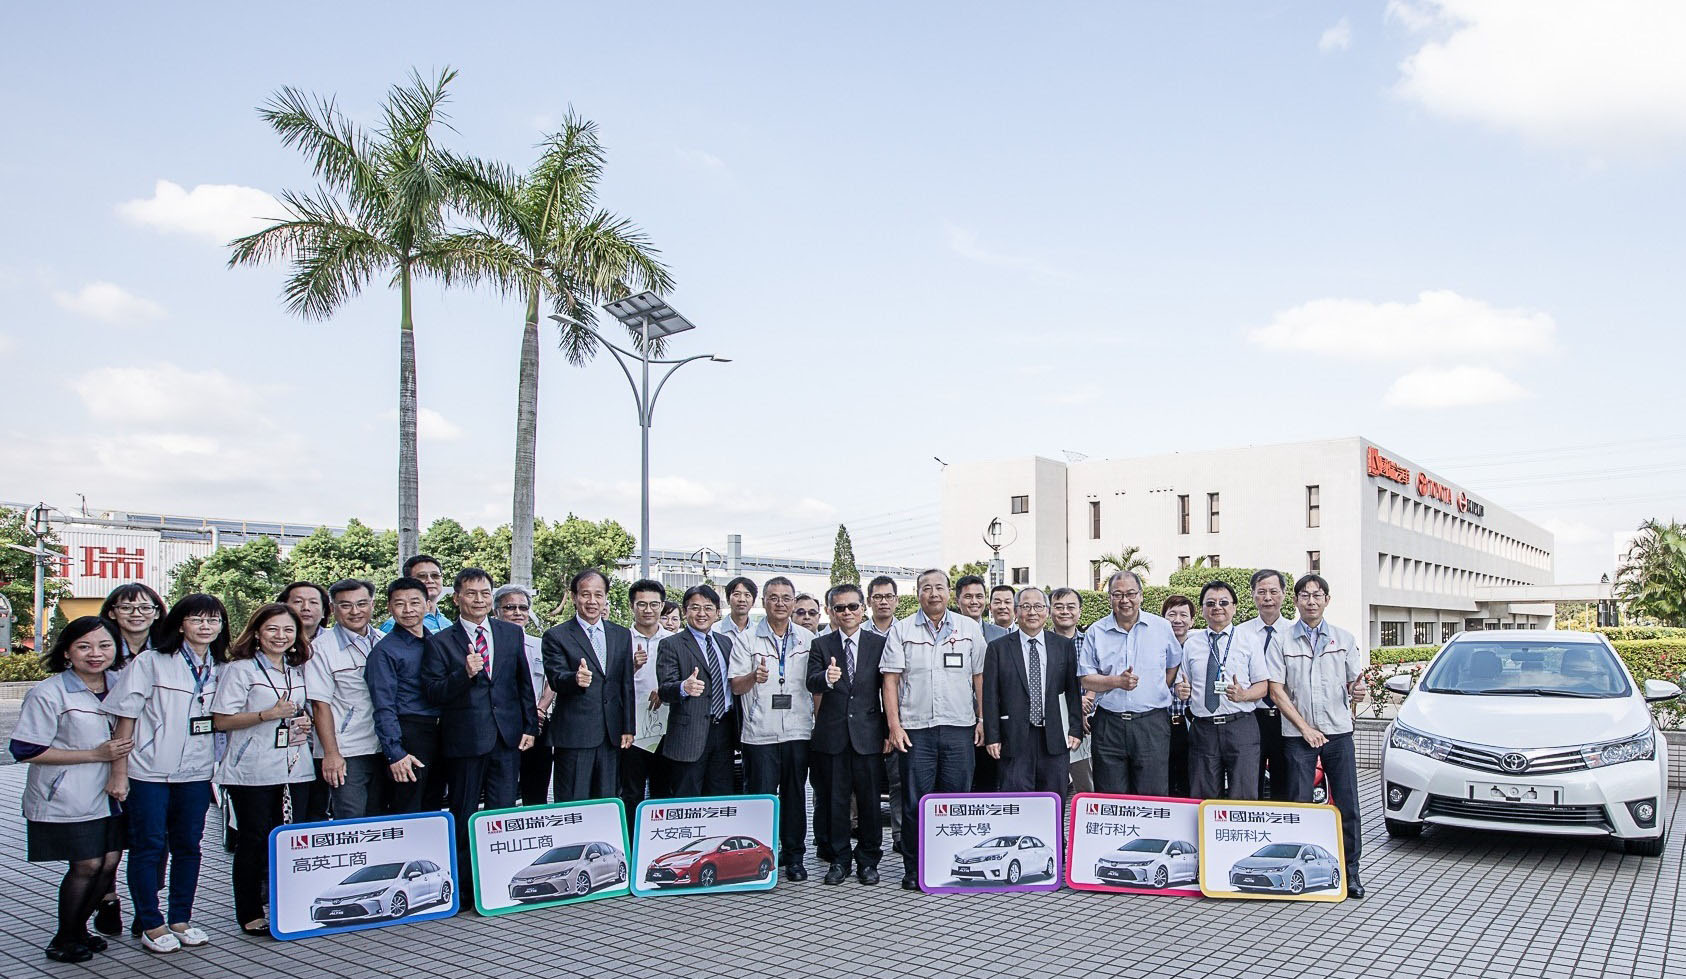 為台灣培育專業人才,國瑞汽車捐 6 台 Corolla Altis